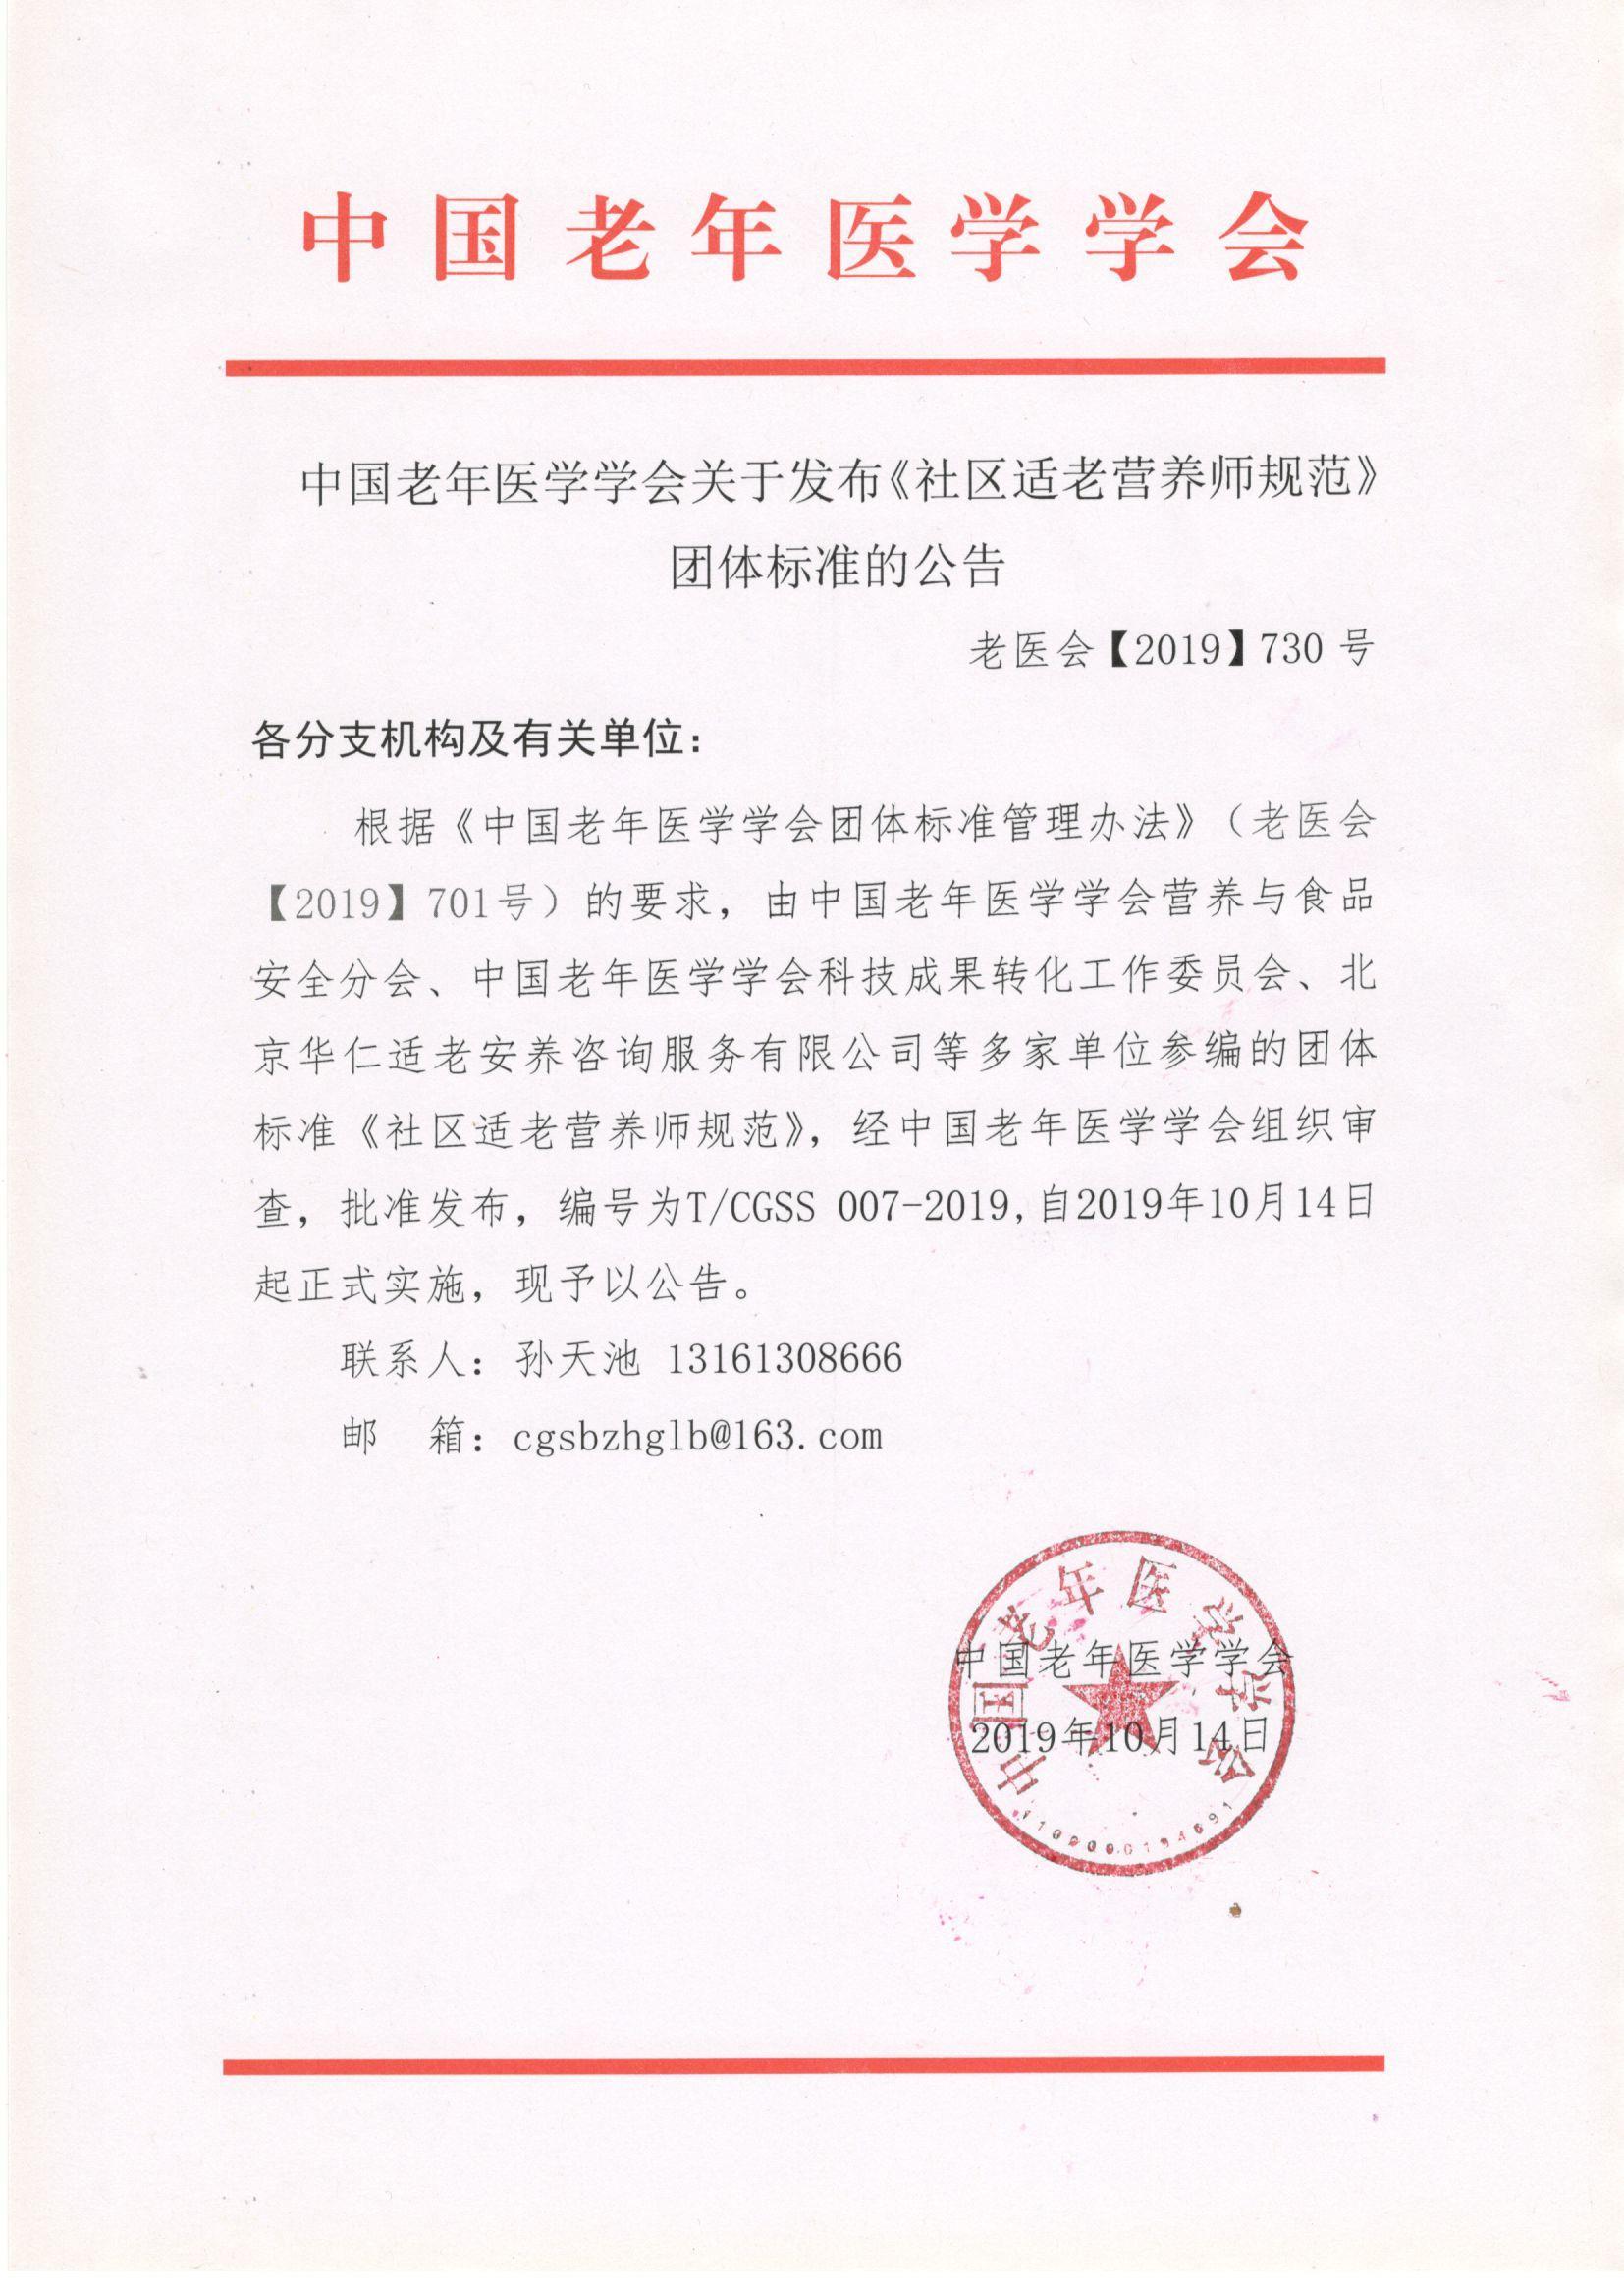 中国老年医学学会关于发布《社区适老营养师规范》团体标准的公告.jpg